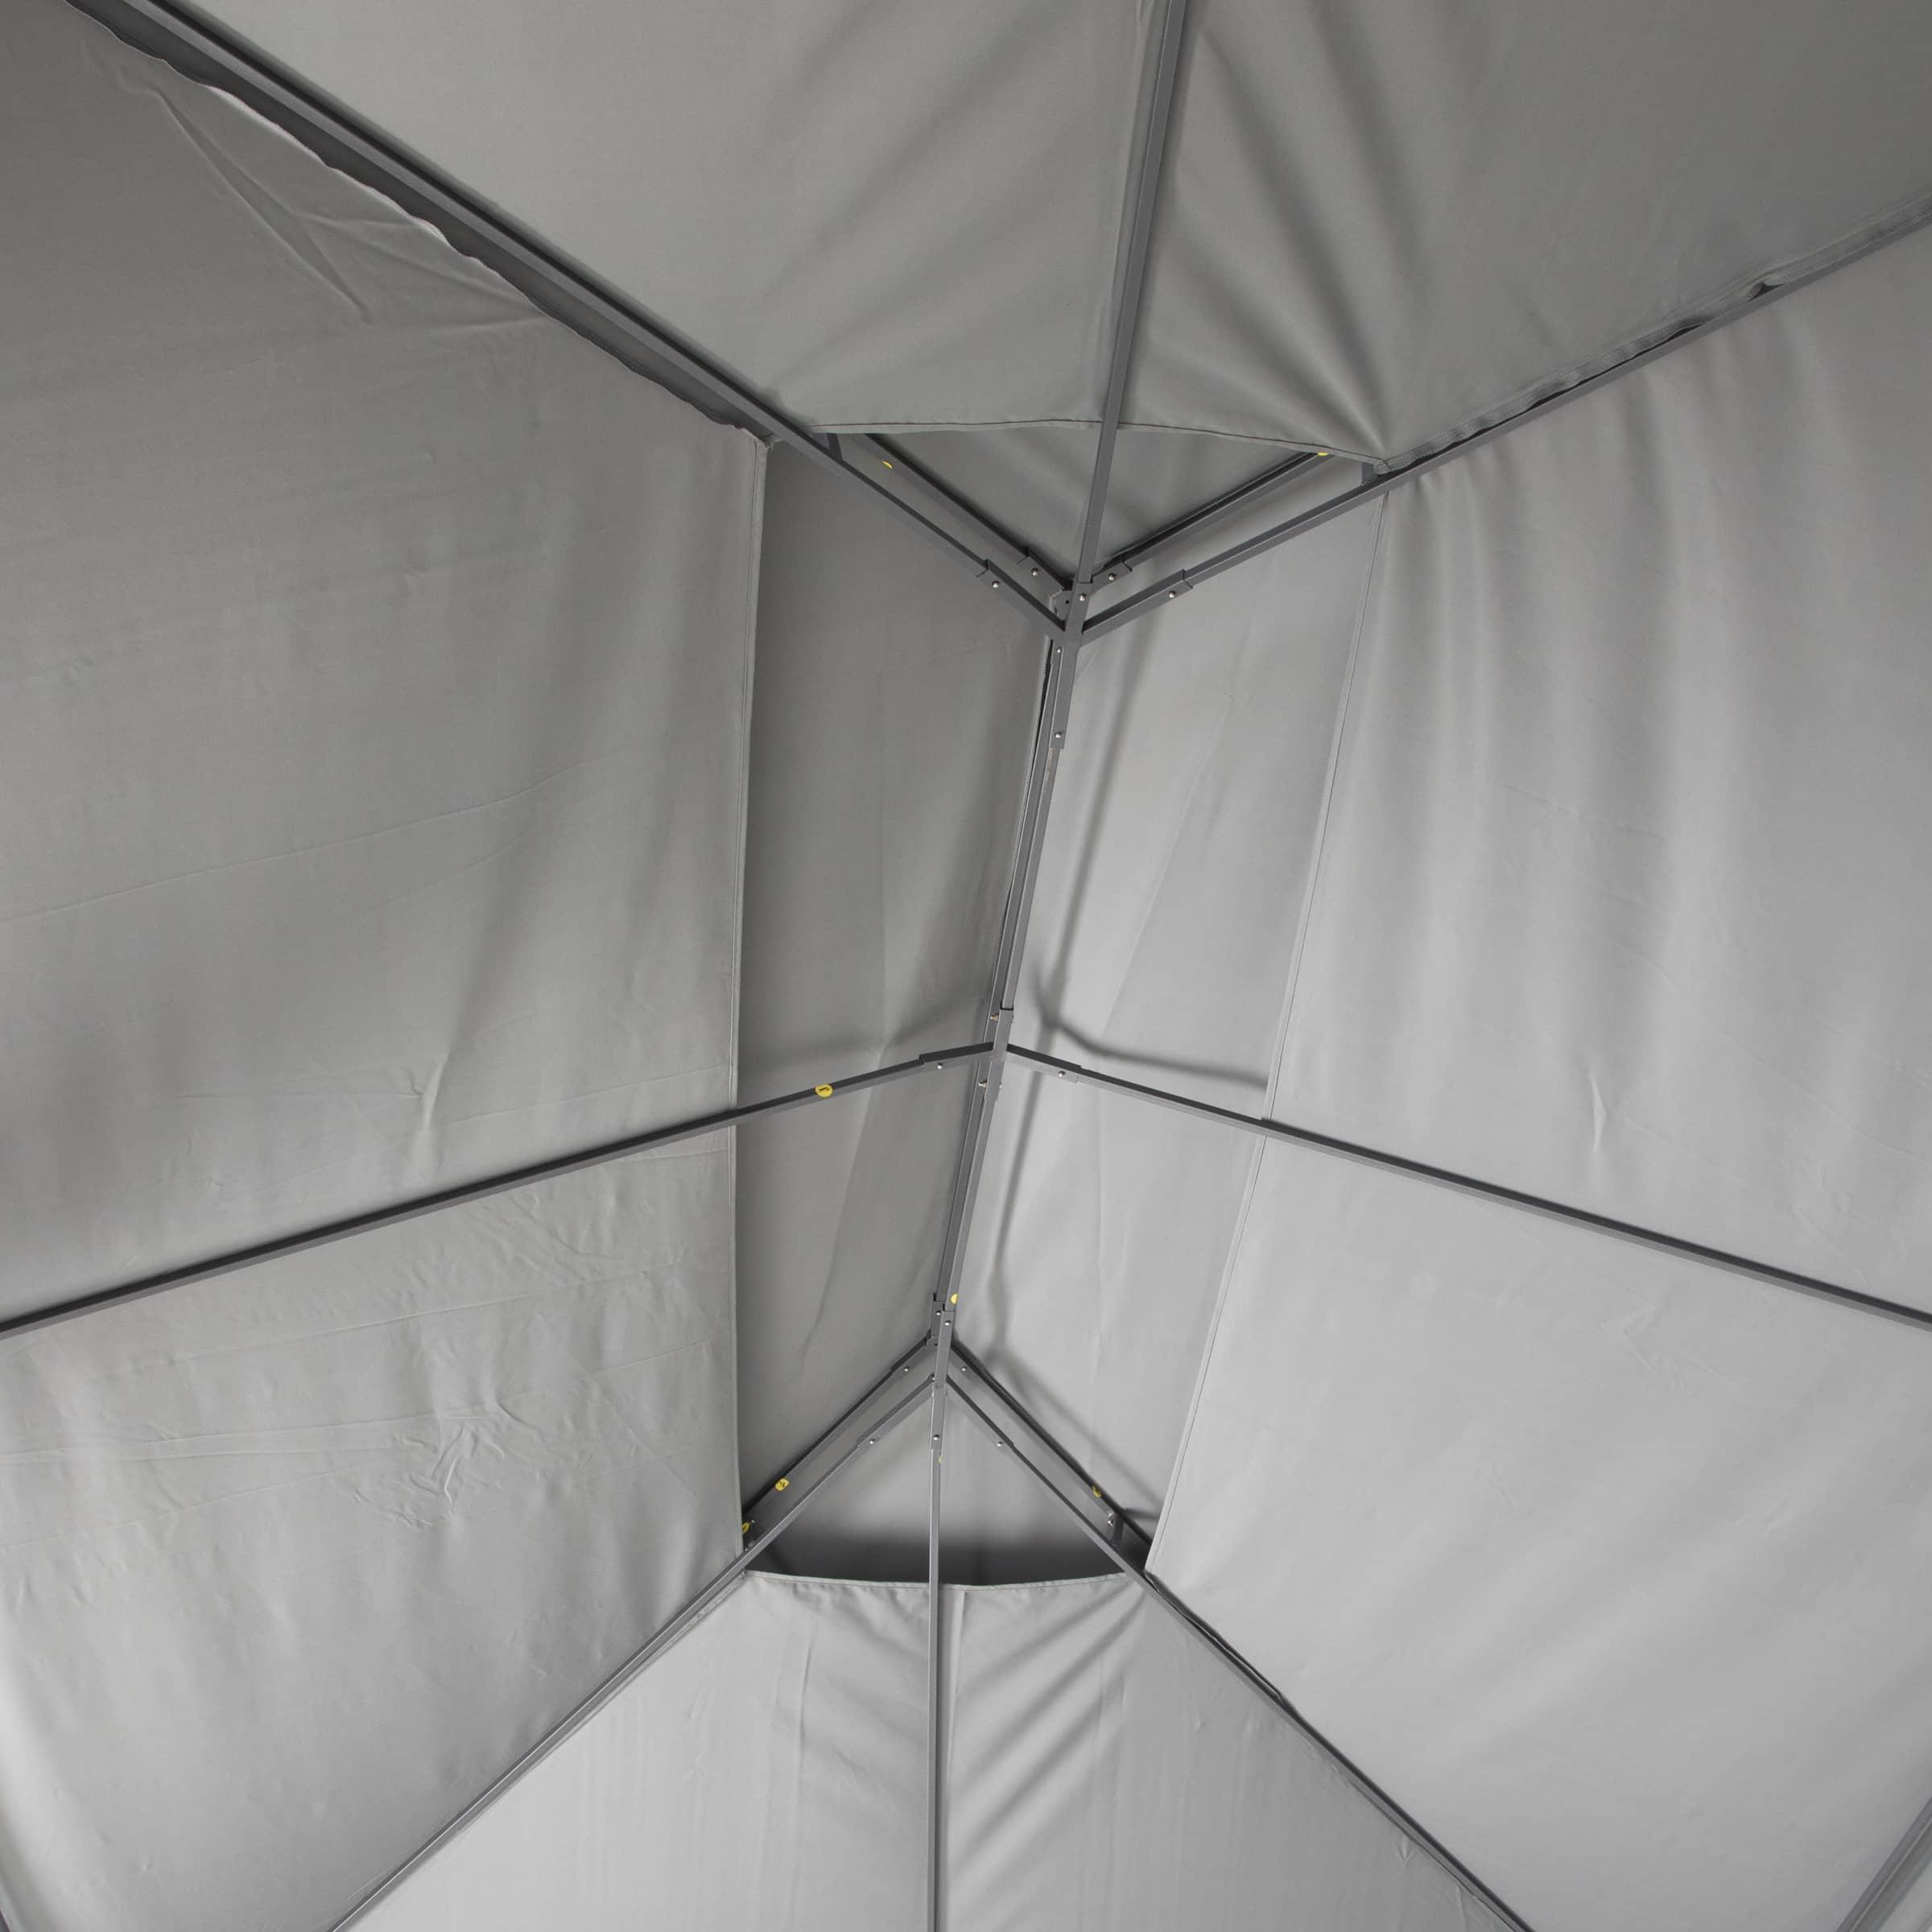 4goodz Gazebo 3x4 mtr - Partytent Paviljoen met zijwanden - Antraciet